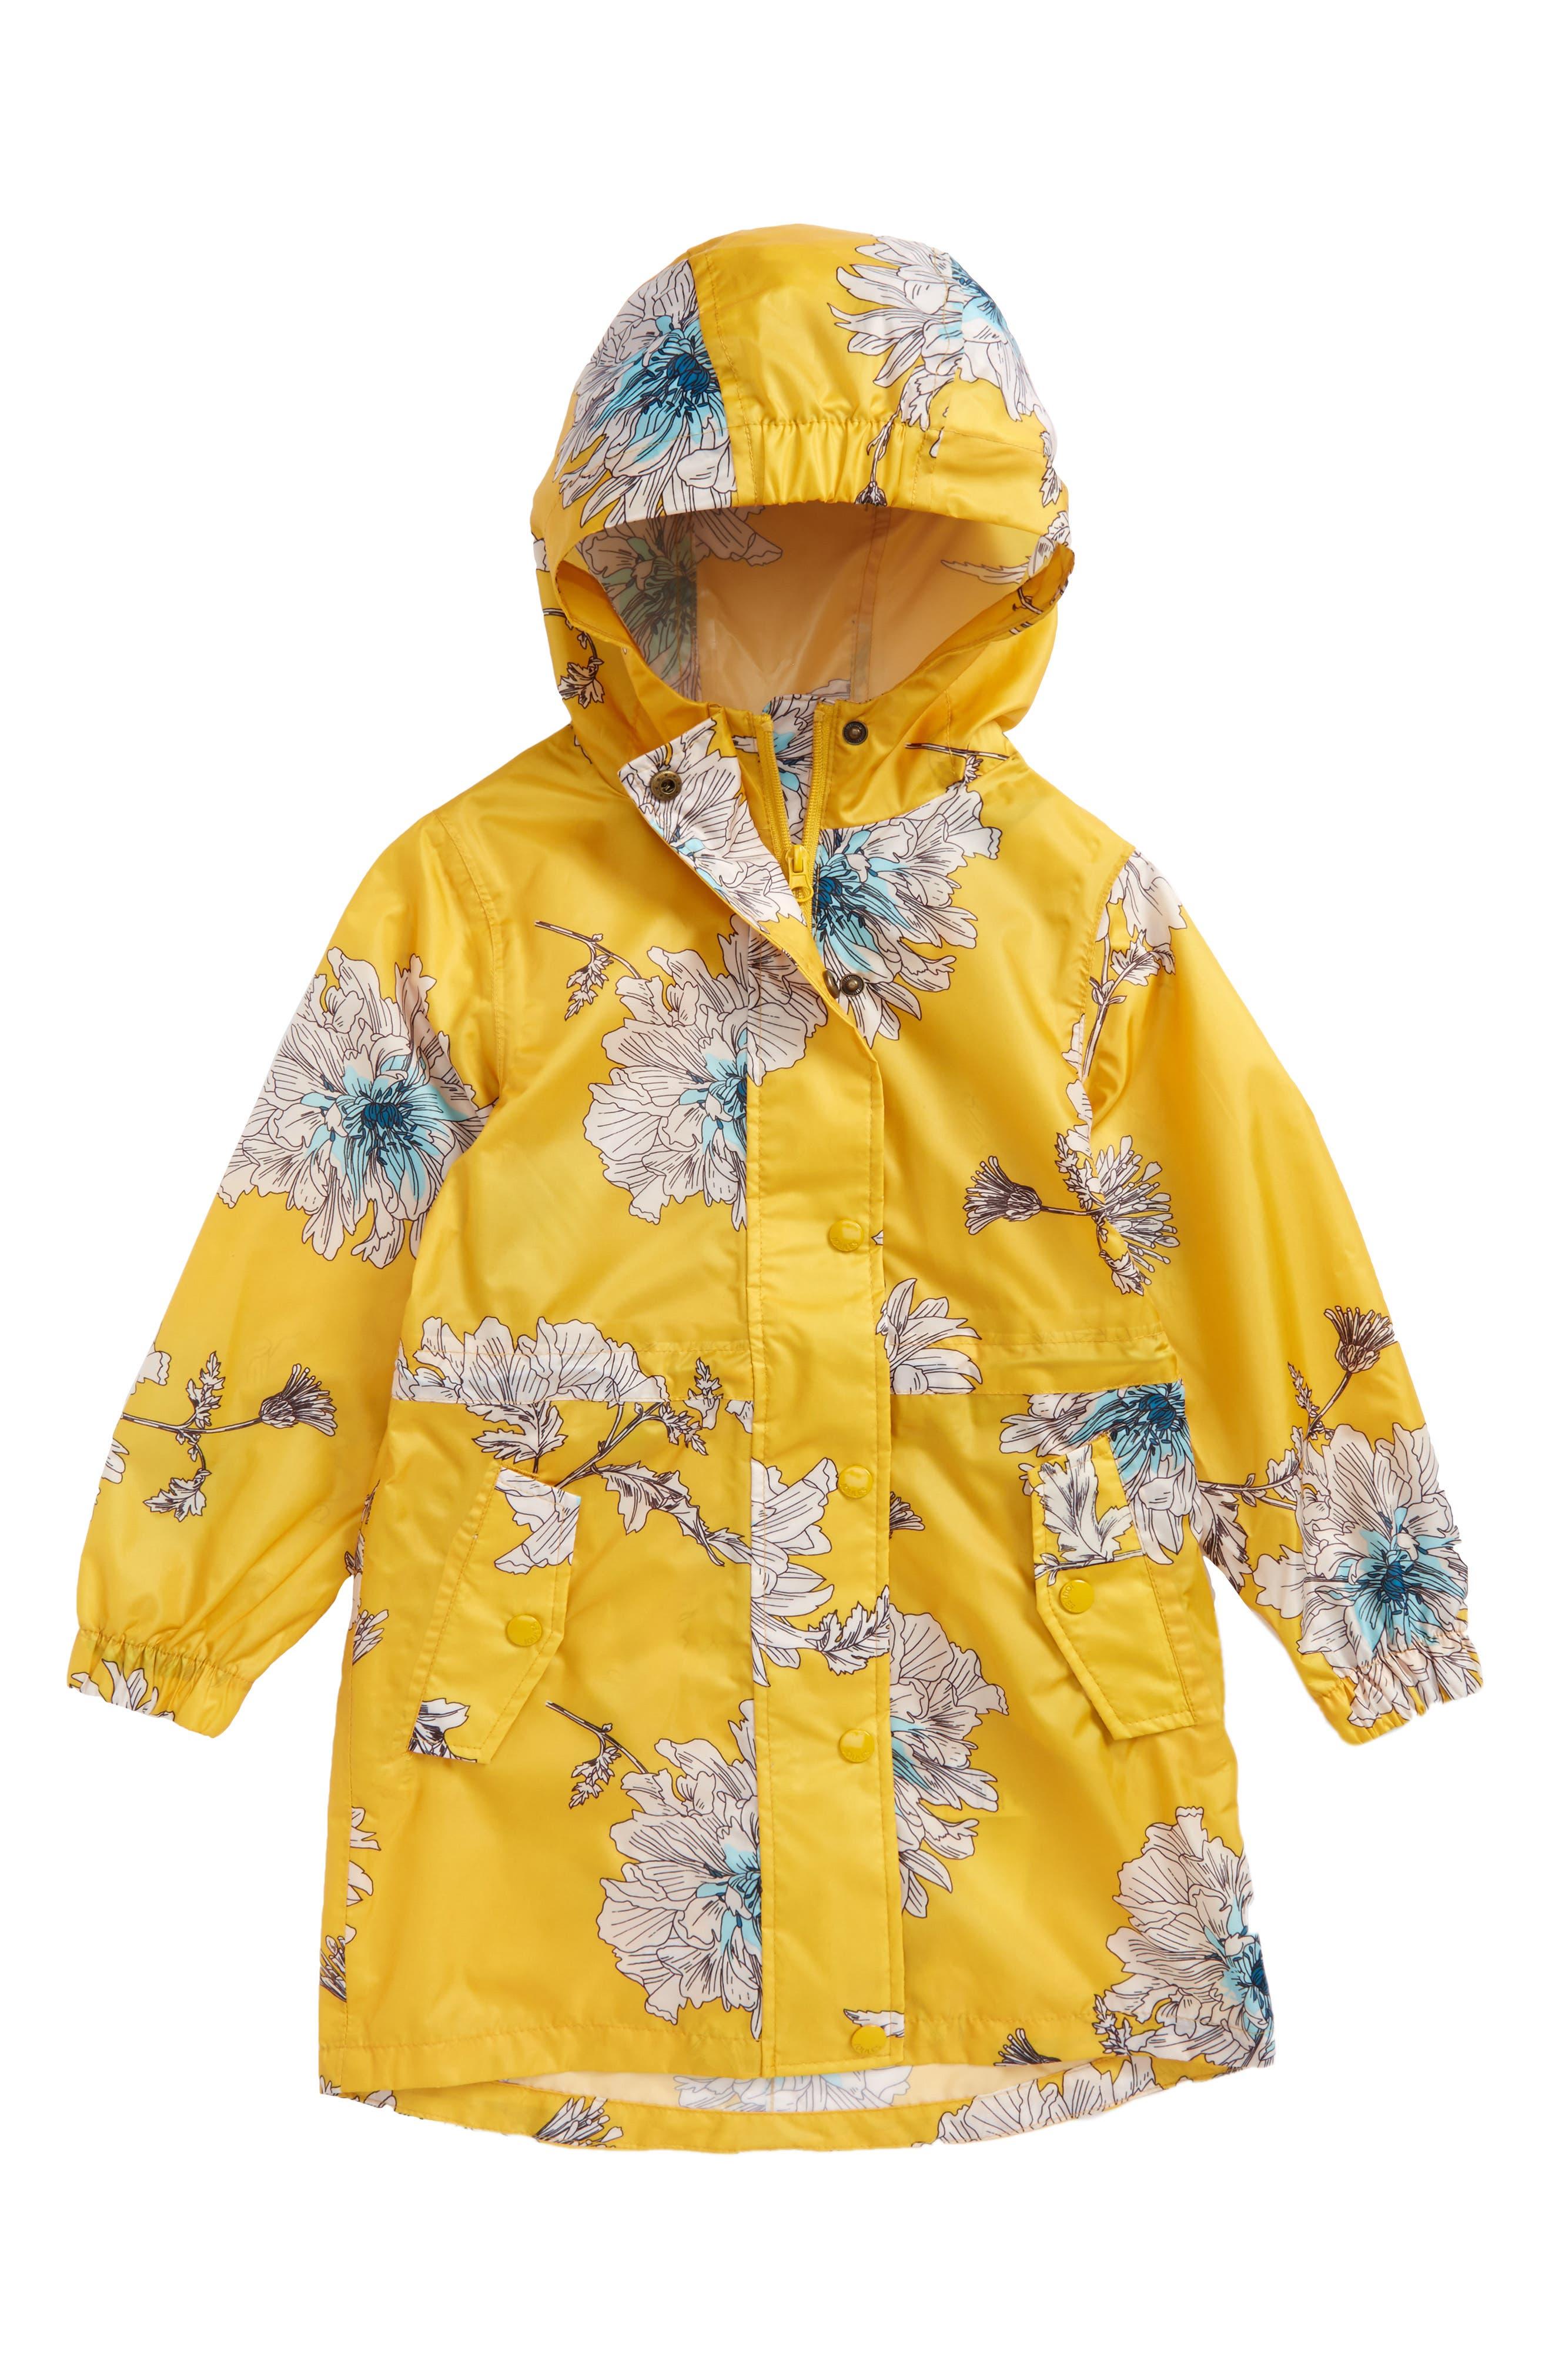 Packaway Flower Print Rain Jacket,                         Main,                         color, 706